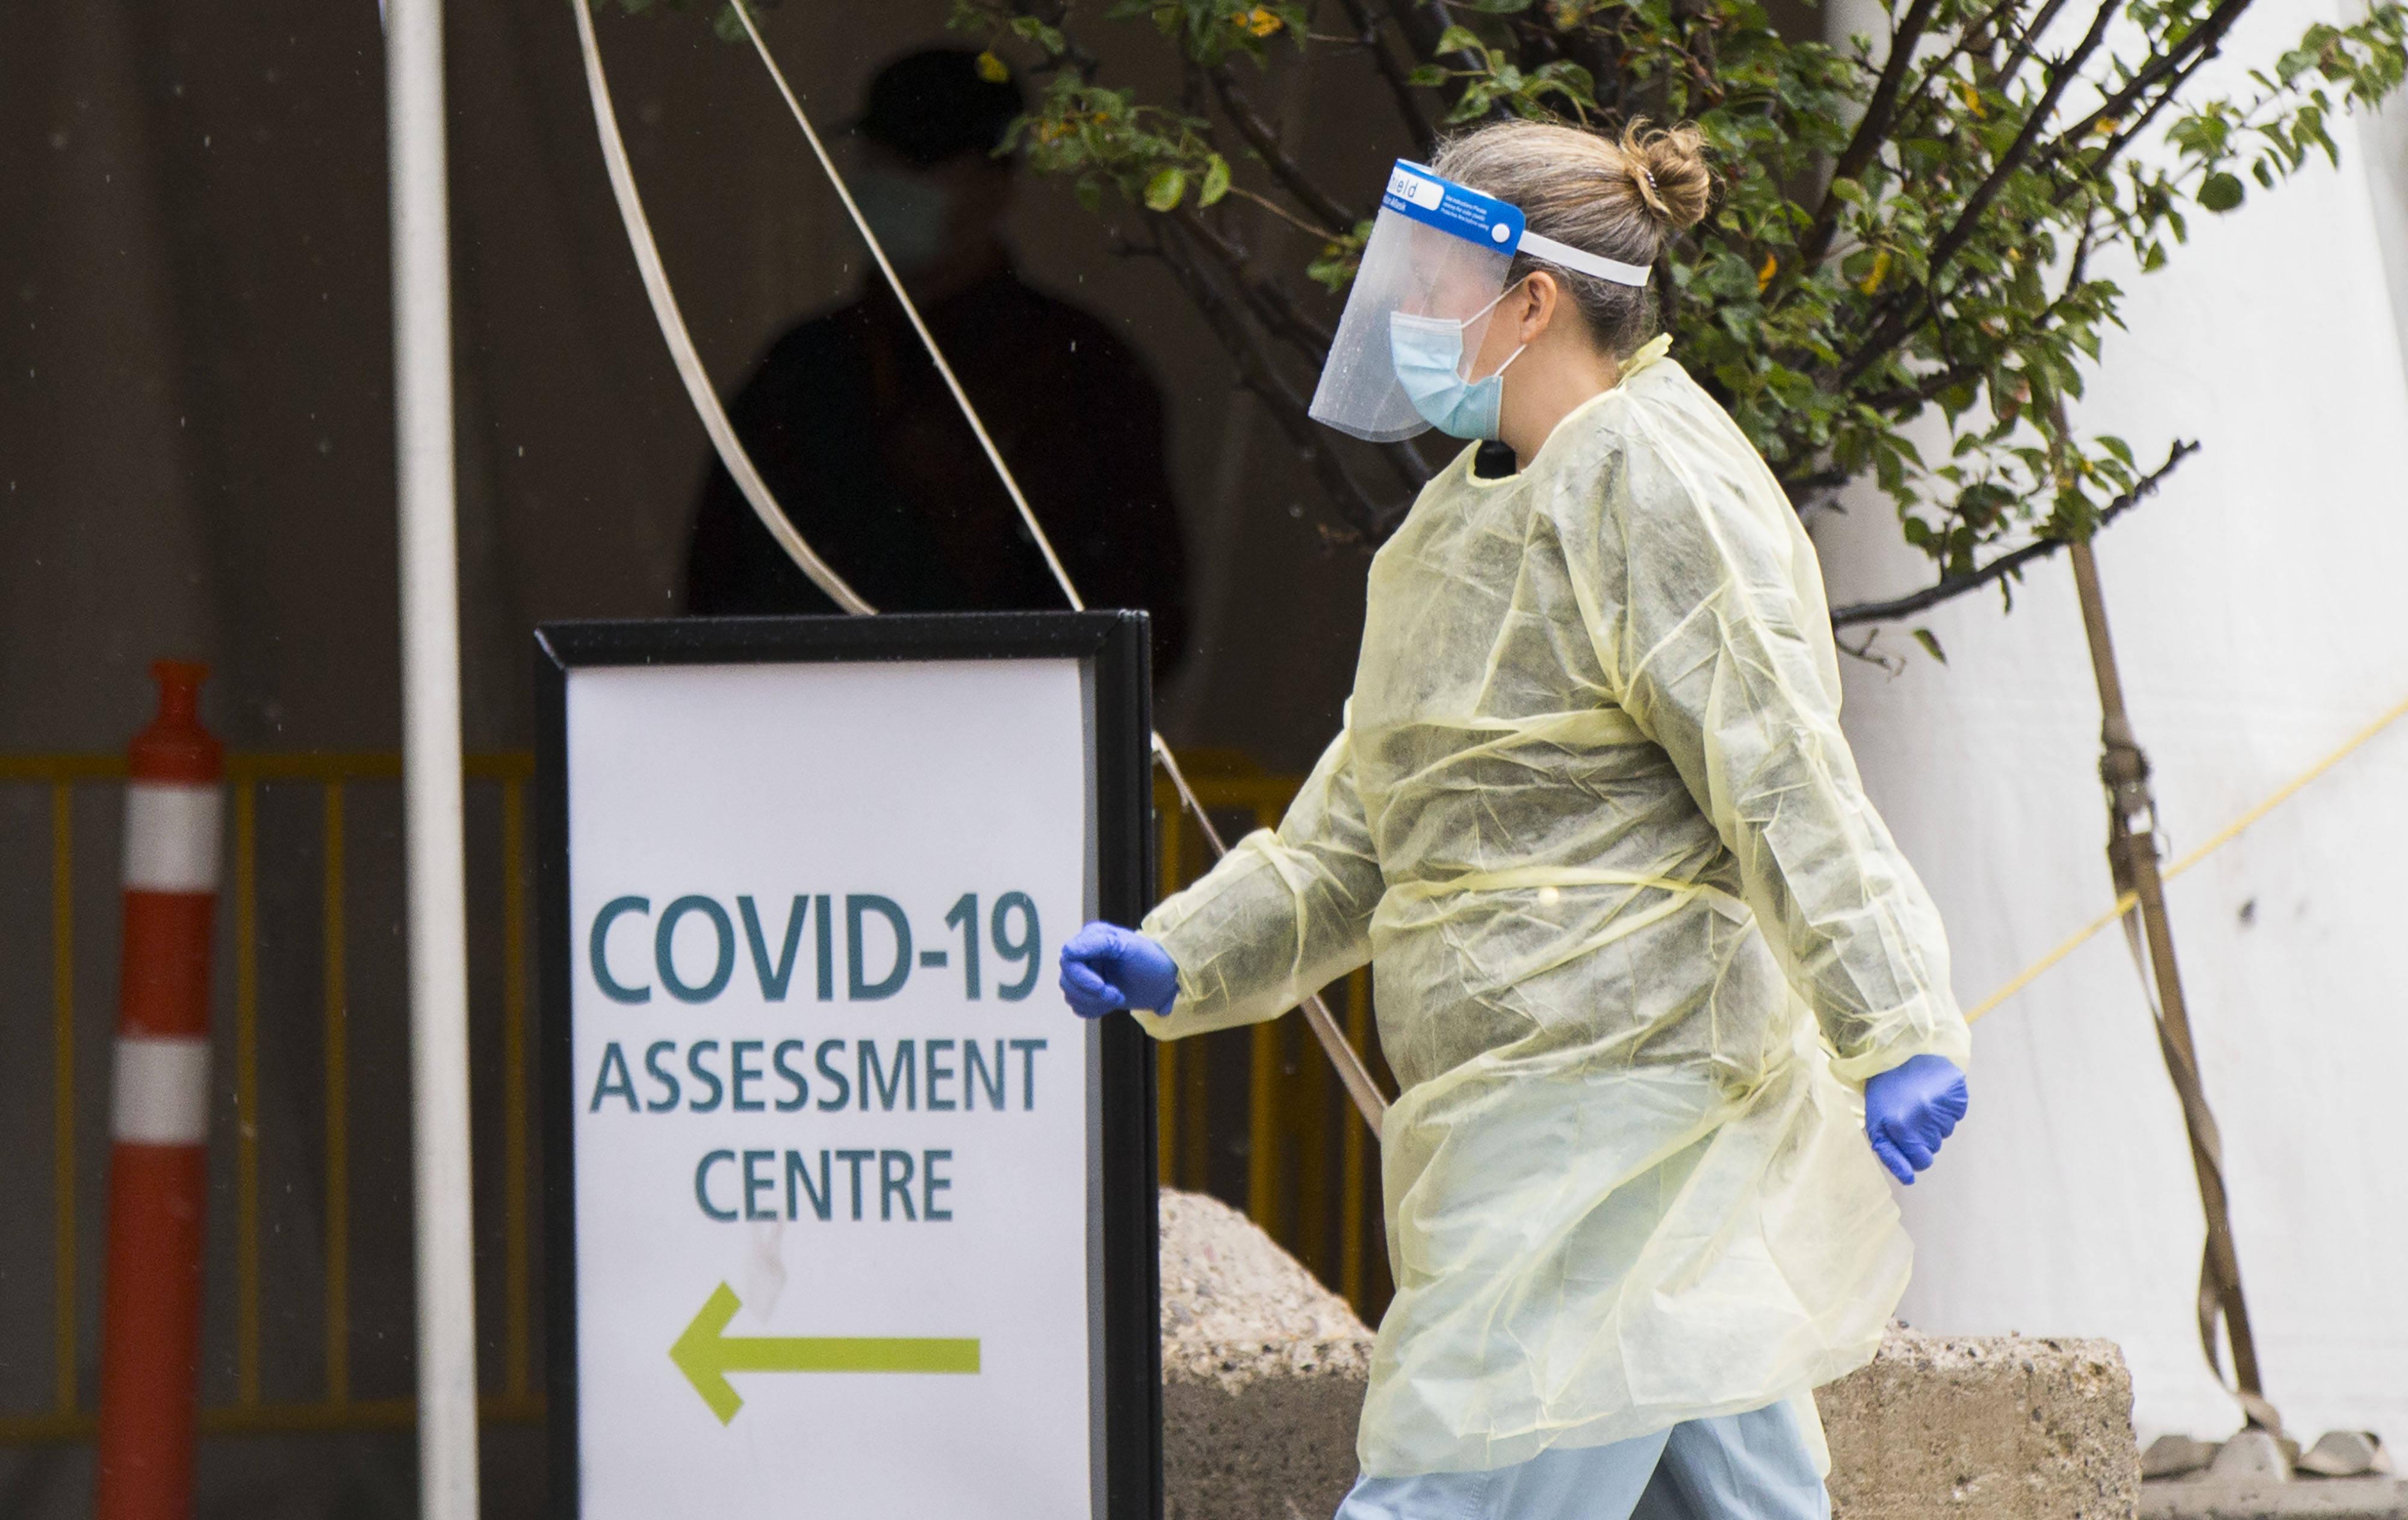 加拿大累计新冠确诊病例数超过19万例